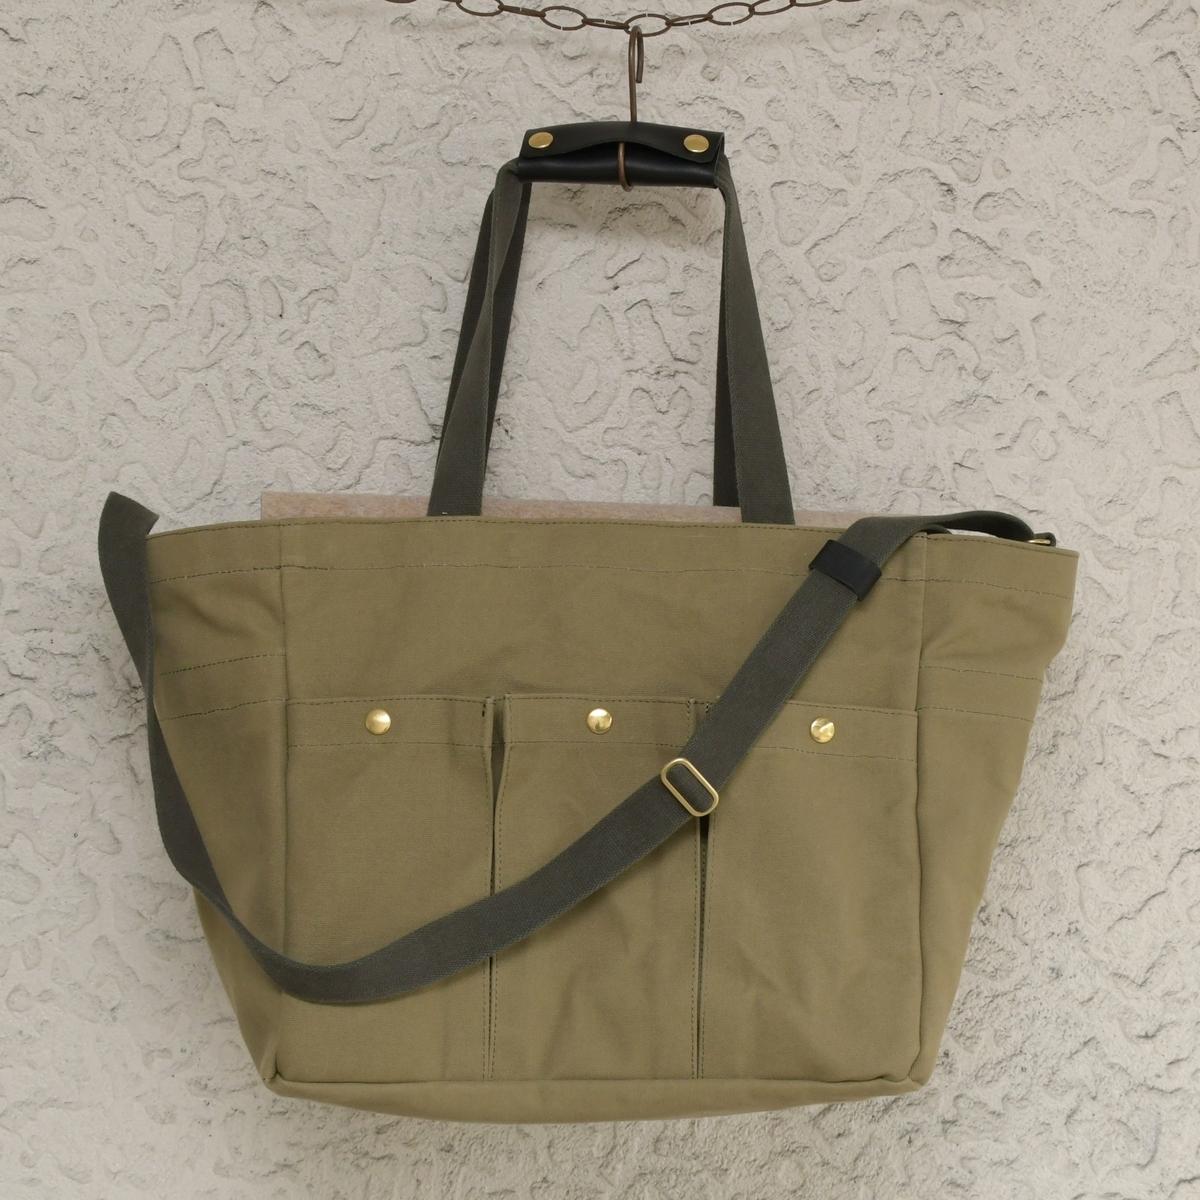 6号帆布で鳥さんを運ぶ用の大き目バッグのオーダー製作